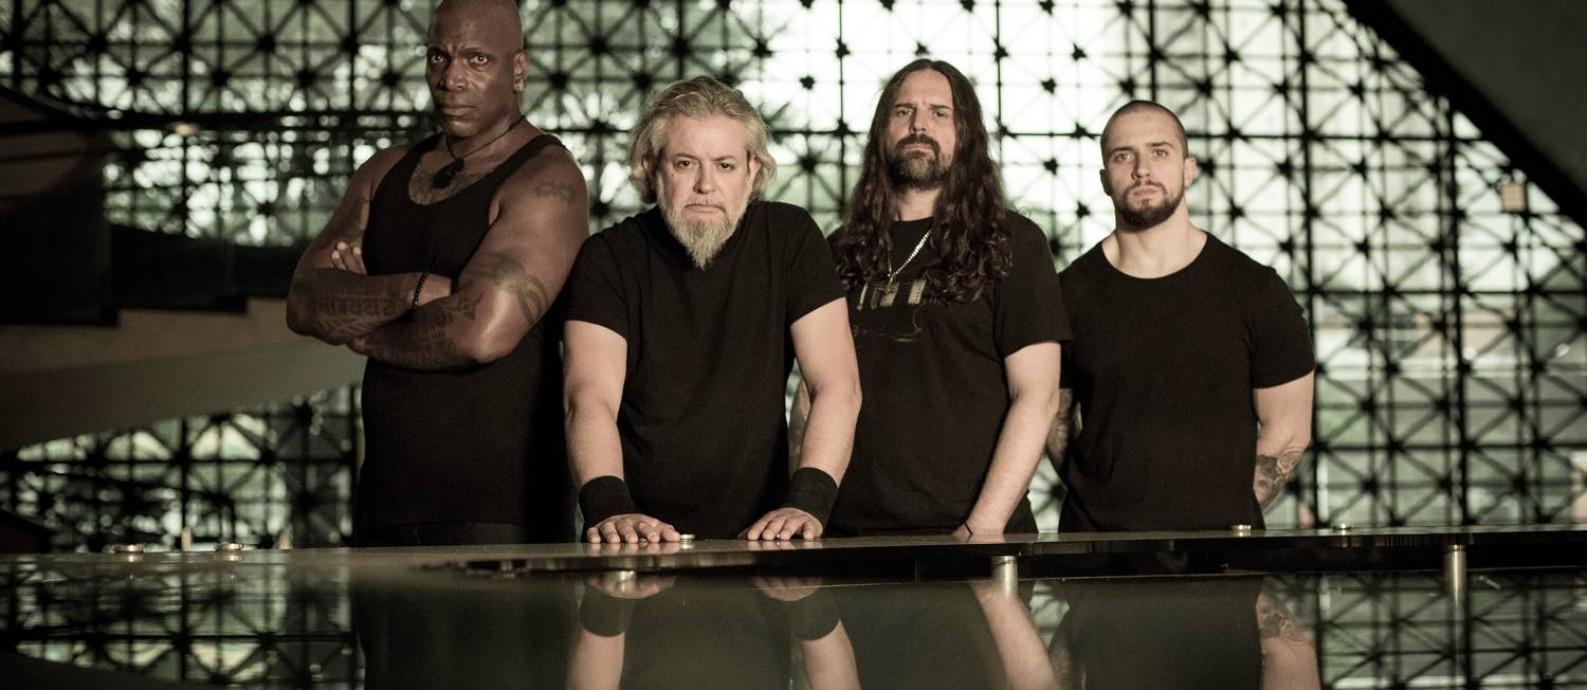 O grupo Sepultura: Derrock Green (à esquerda), Paulo Jr., Andreas Kisser e Eloy Casagrande Foto: Marcos Hermes / Divulgação